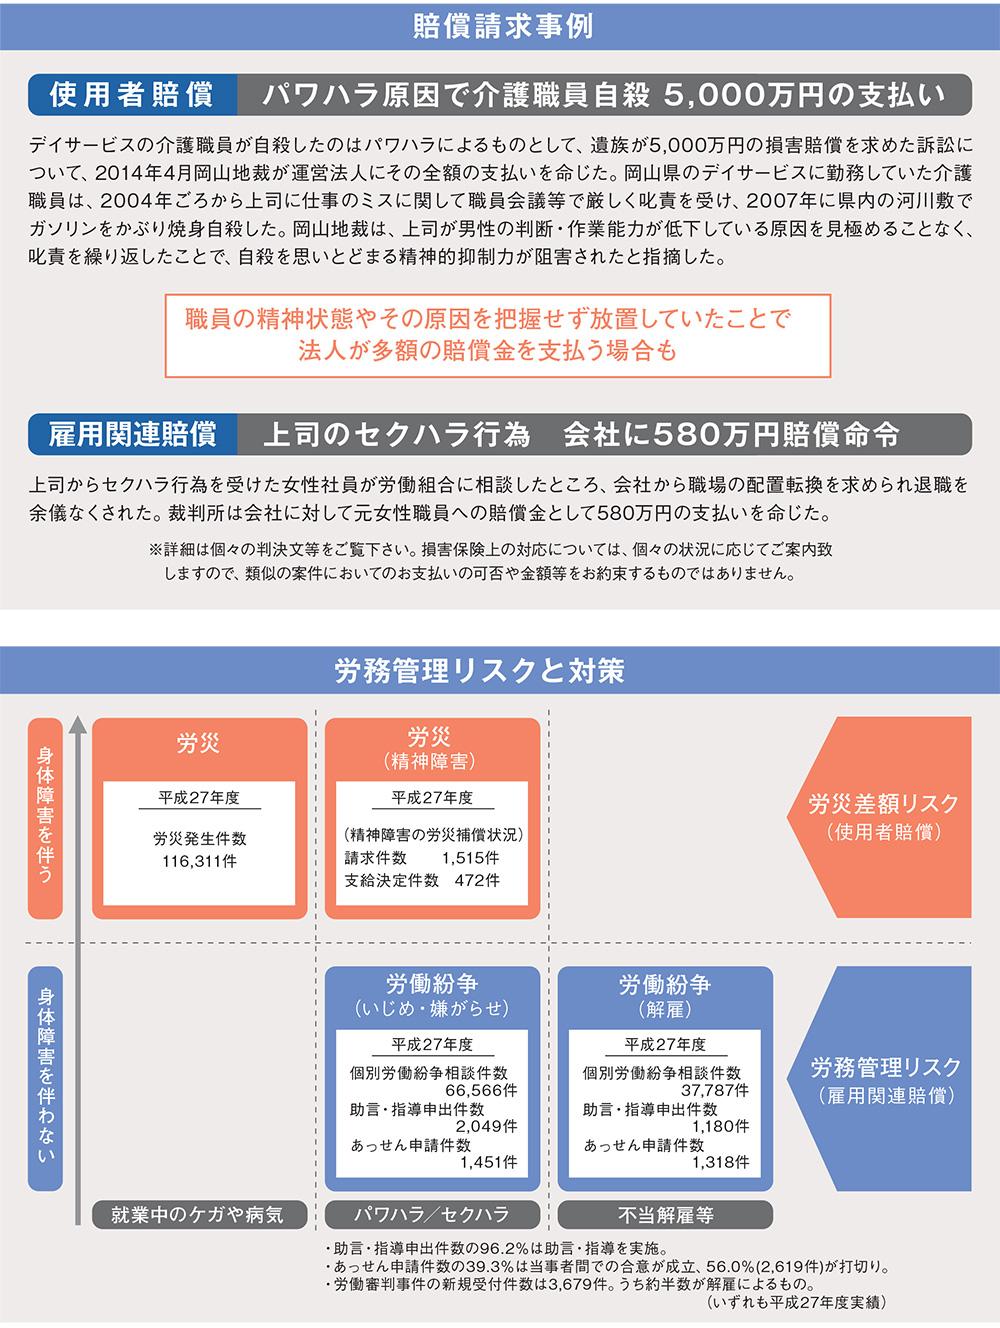 使用者賠償責任補償制度(業務災害総合保険)